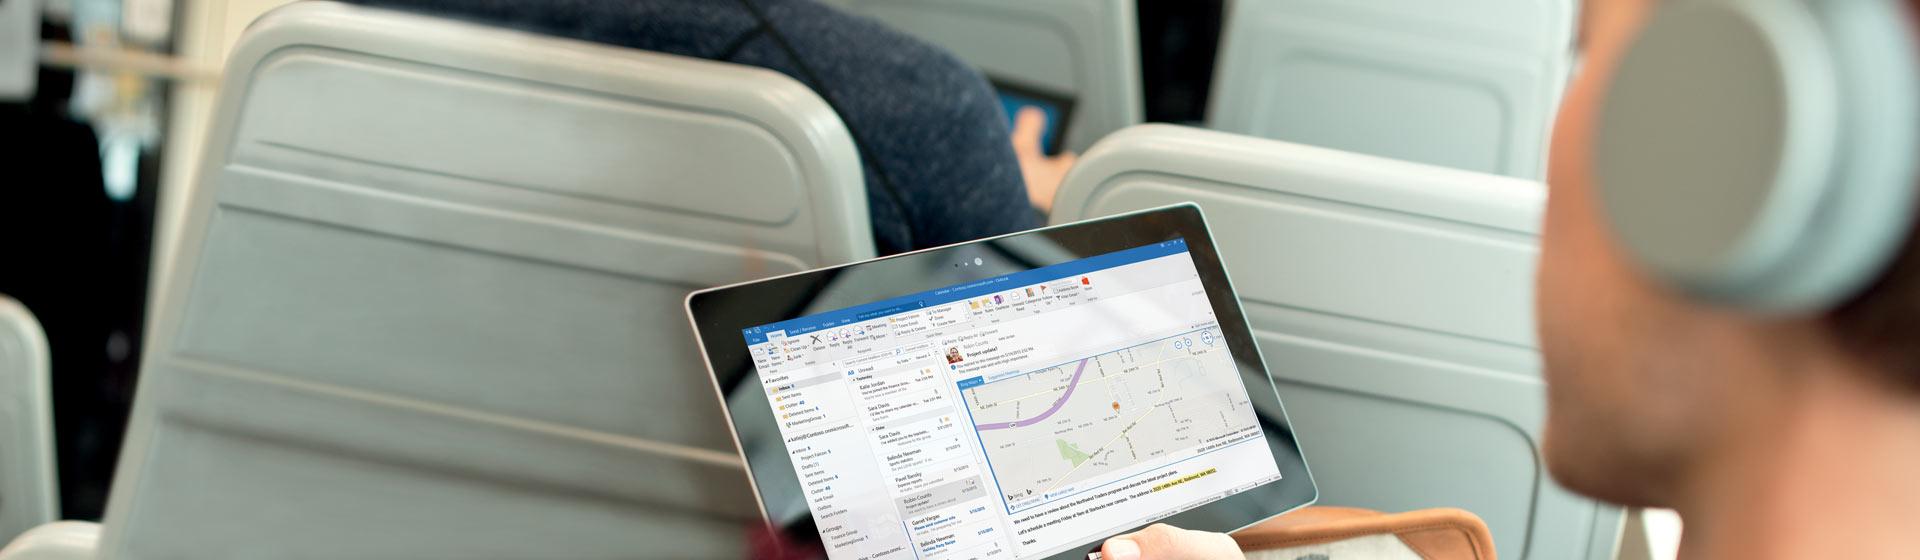 Egy férfi, kezében egy táblagéppel, amelyen az Office 365-beli postaládája látható